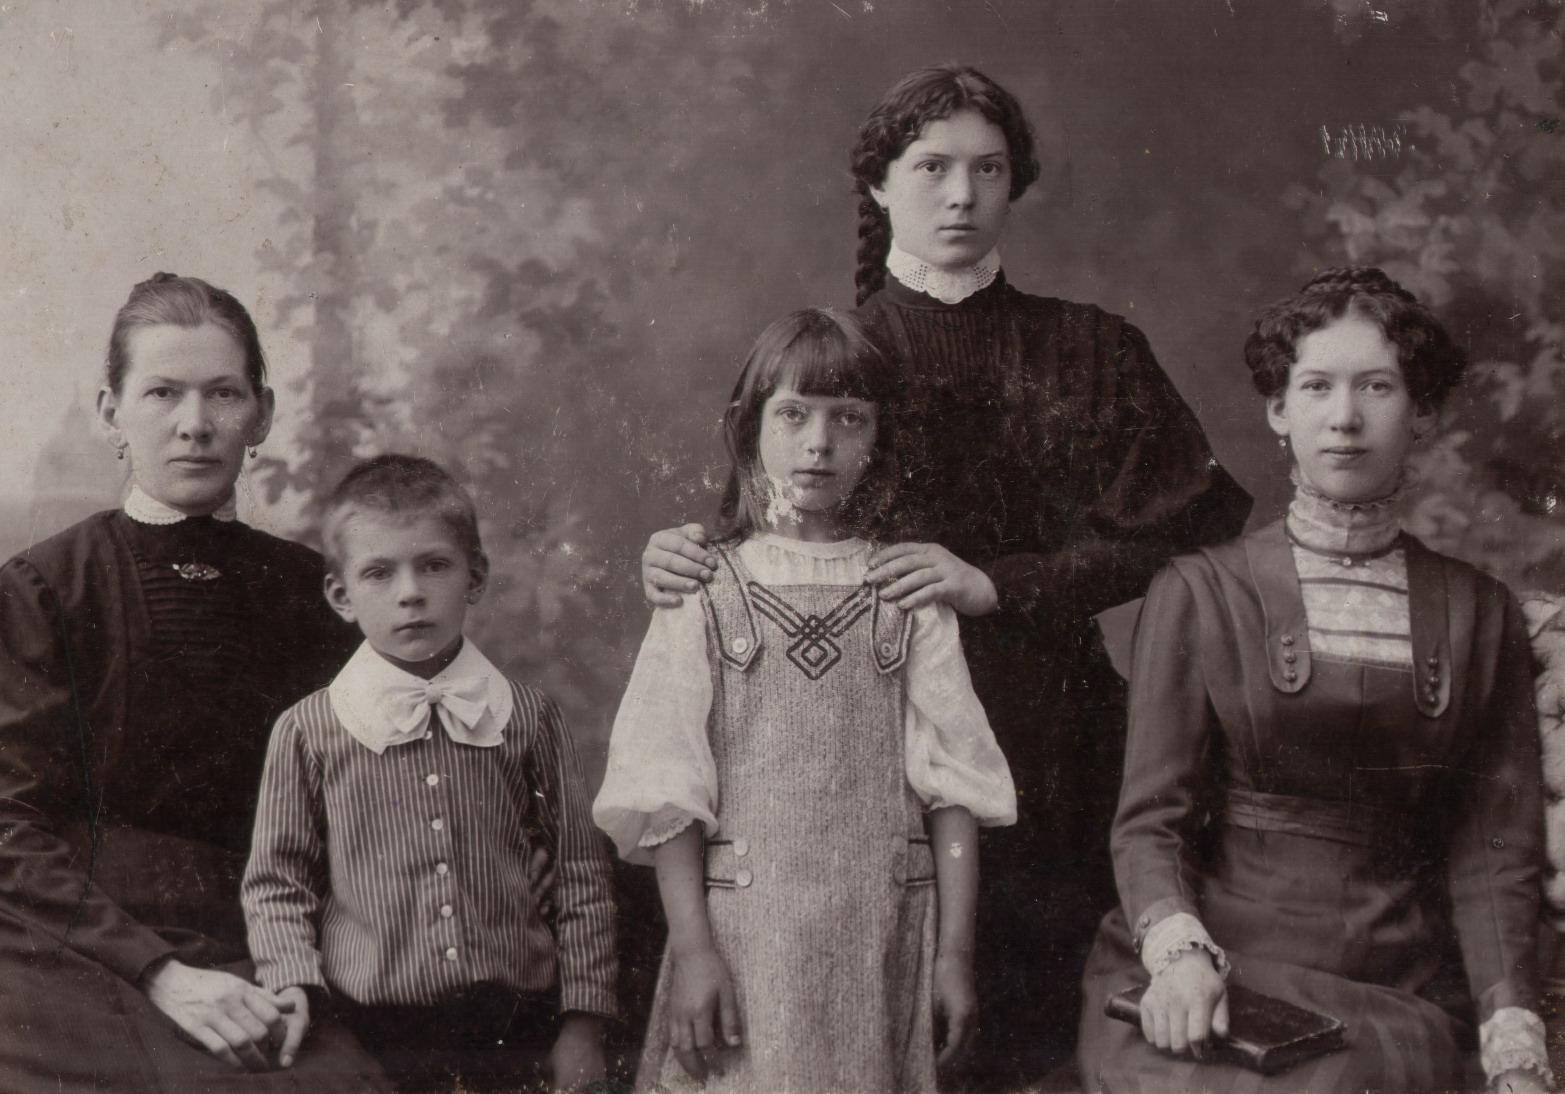 Семья Тагуновых. Первая слева мать Тагуновых (в девичестве Сосунова), второй – сын Серафим, третья – дочь Фаина, четвертая – дочь Елена, пятая (стоит) – дочь Анна. 1910